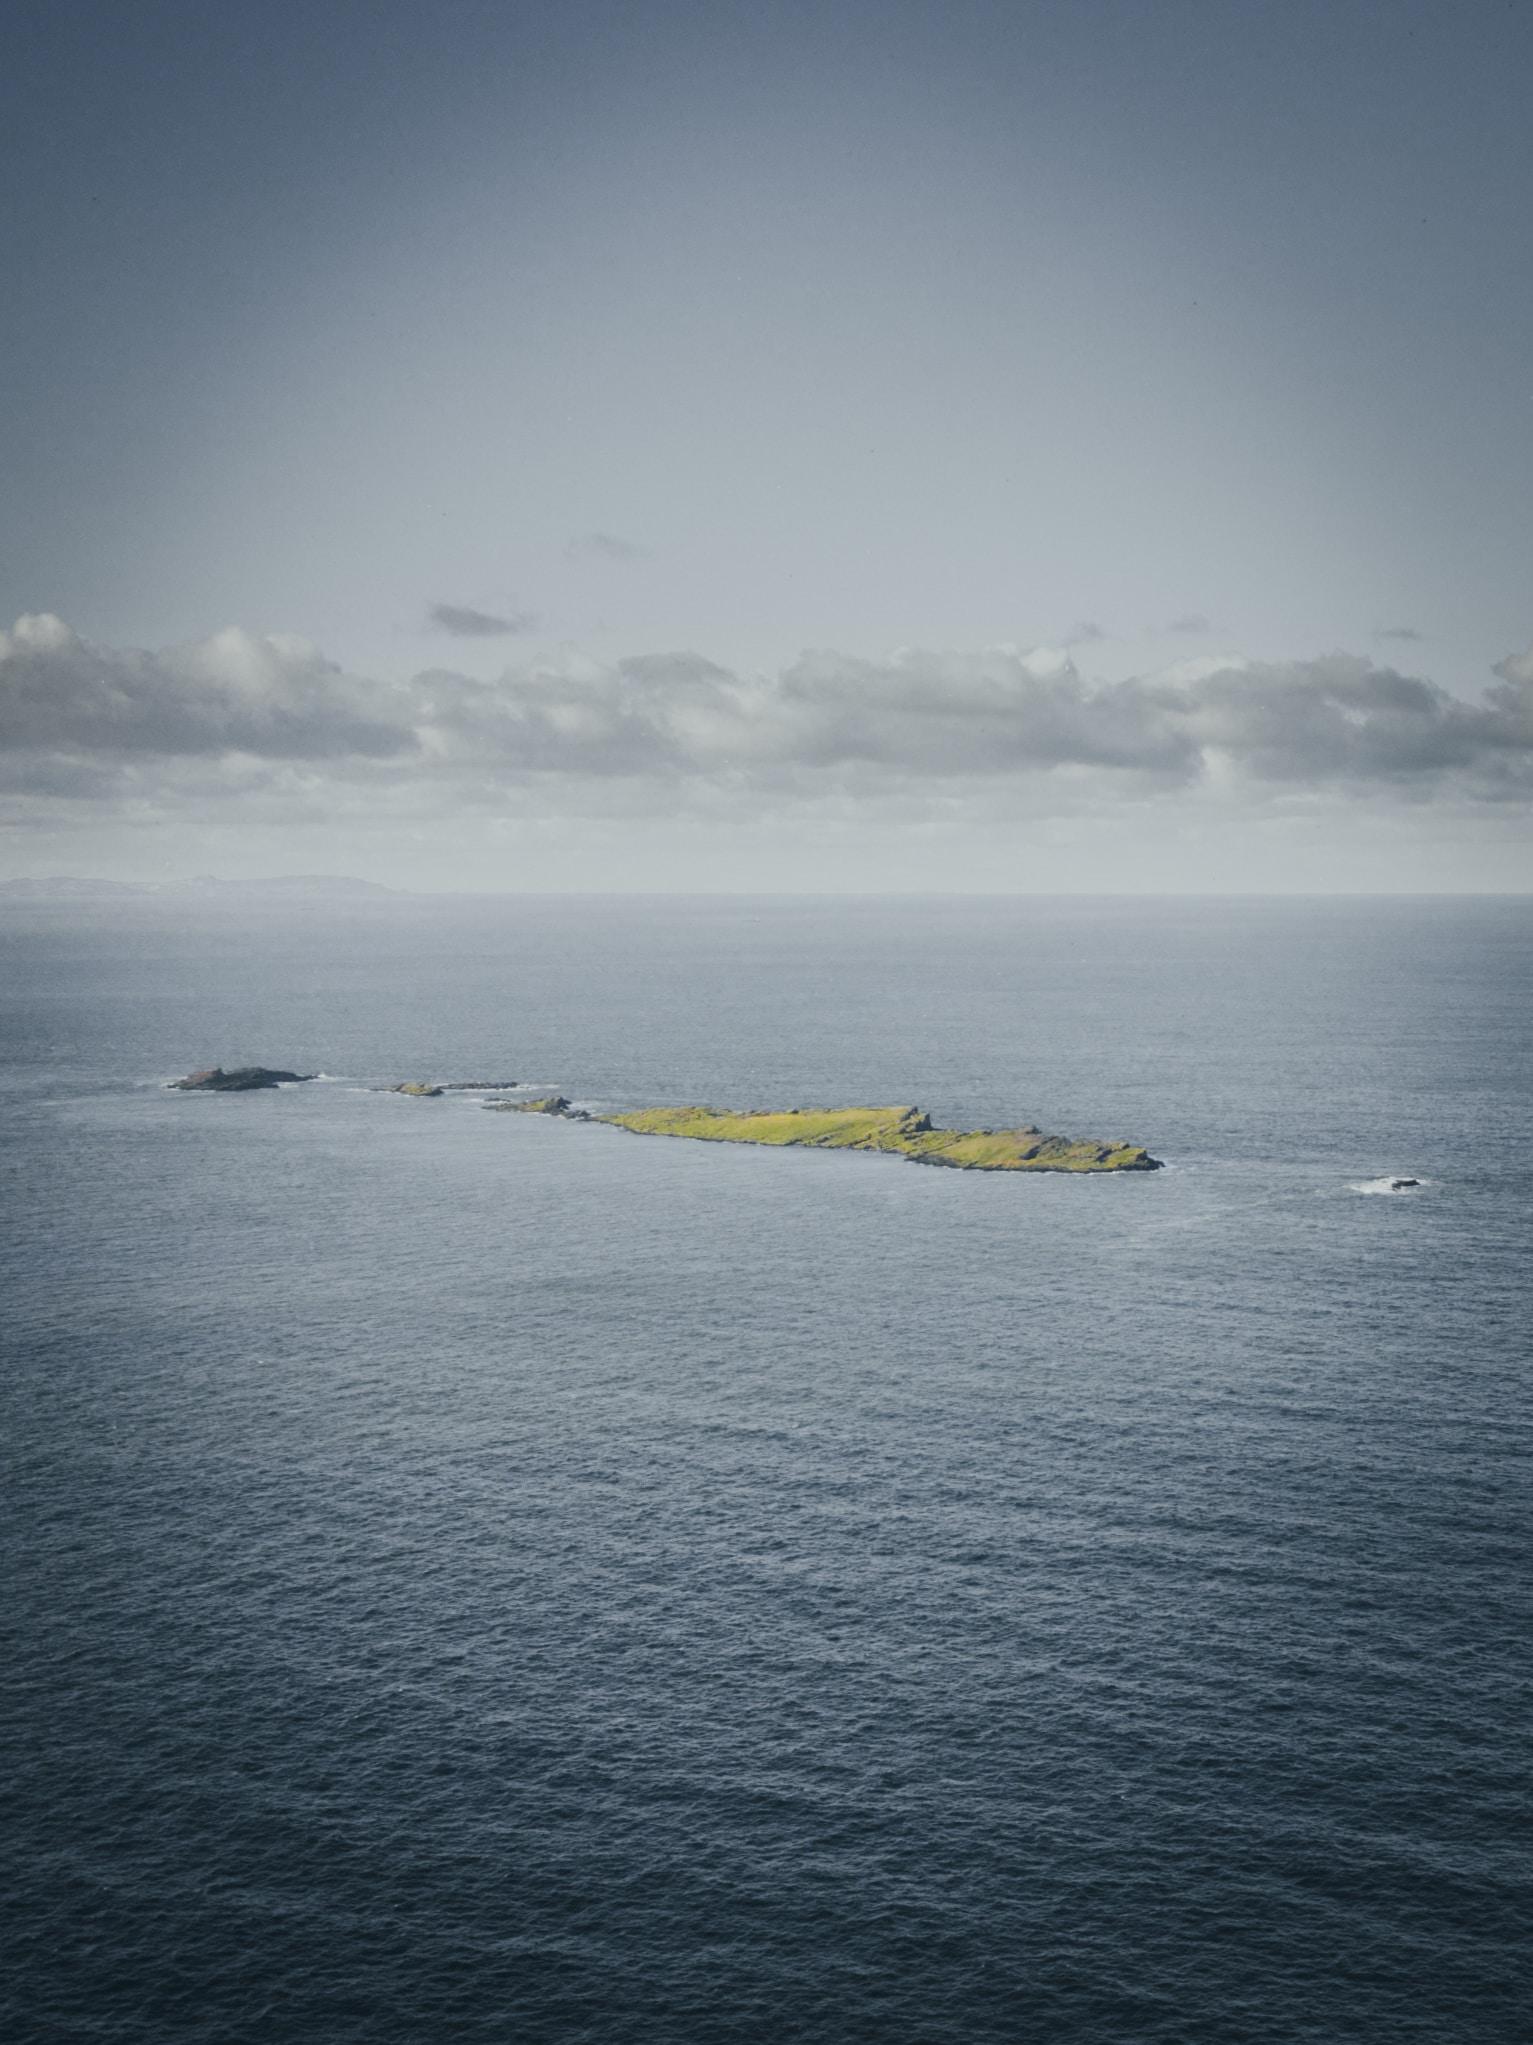 boat near island